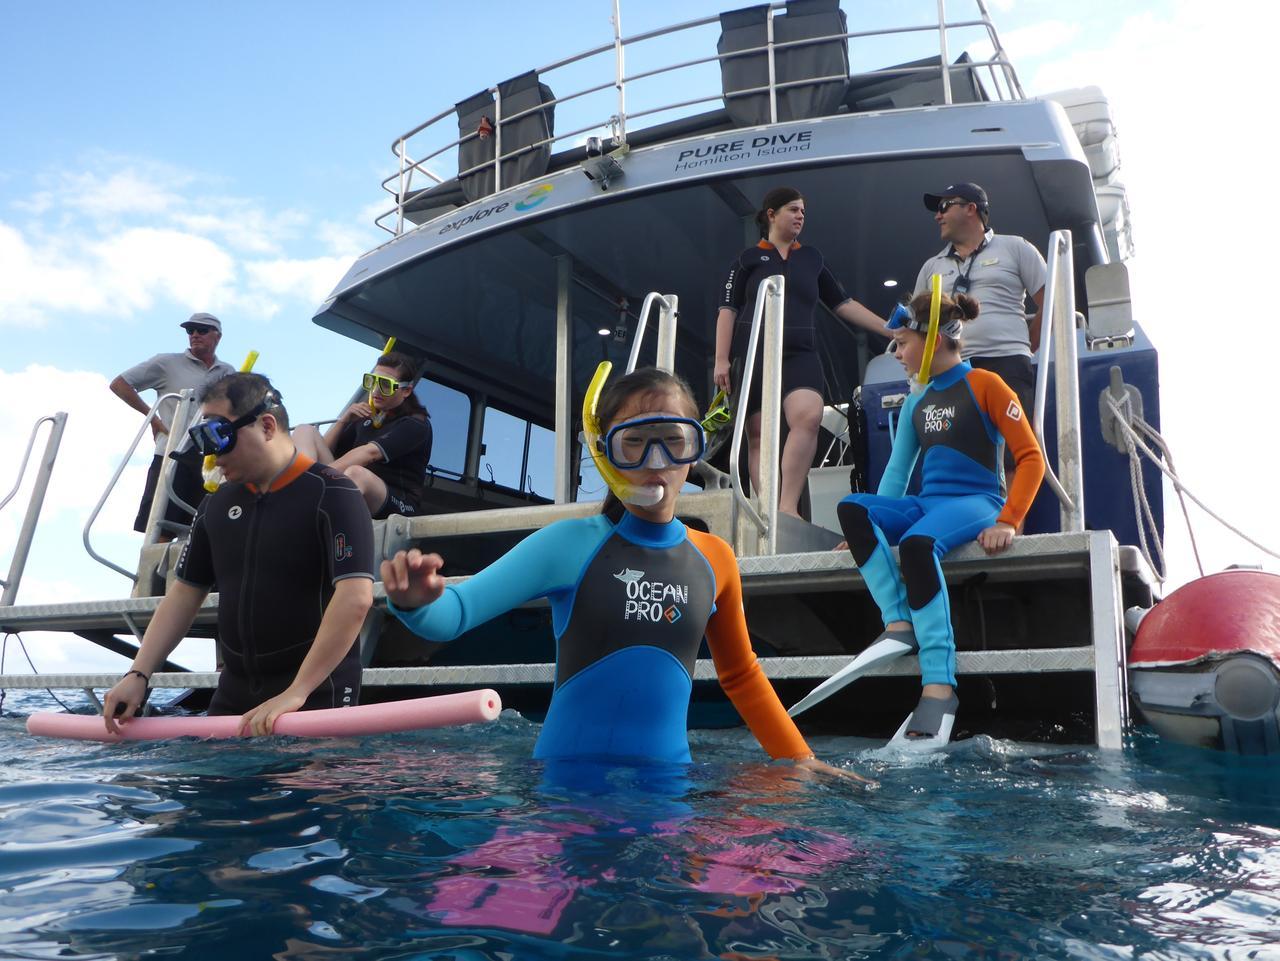 ESCAPE: Hamilton Island - Snorkelling with Explore. Picture: Simon Tsang.